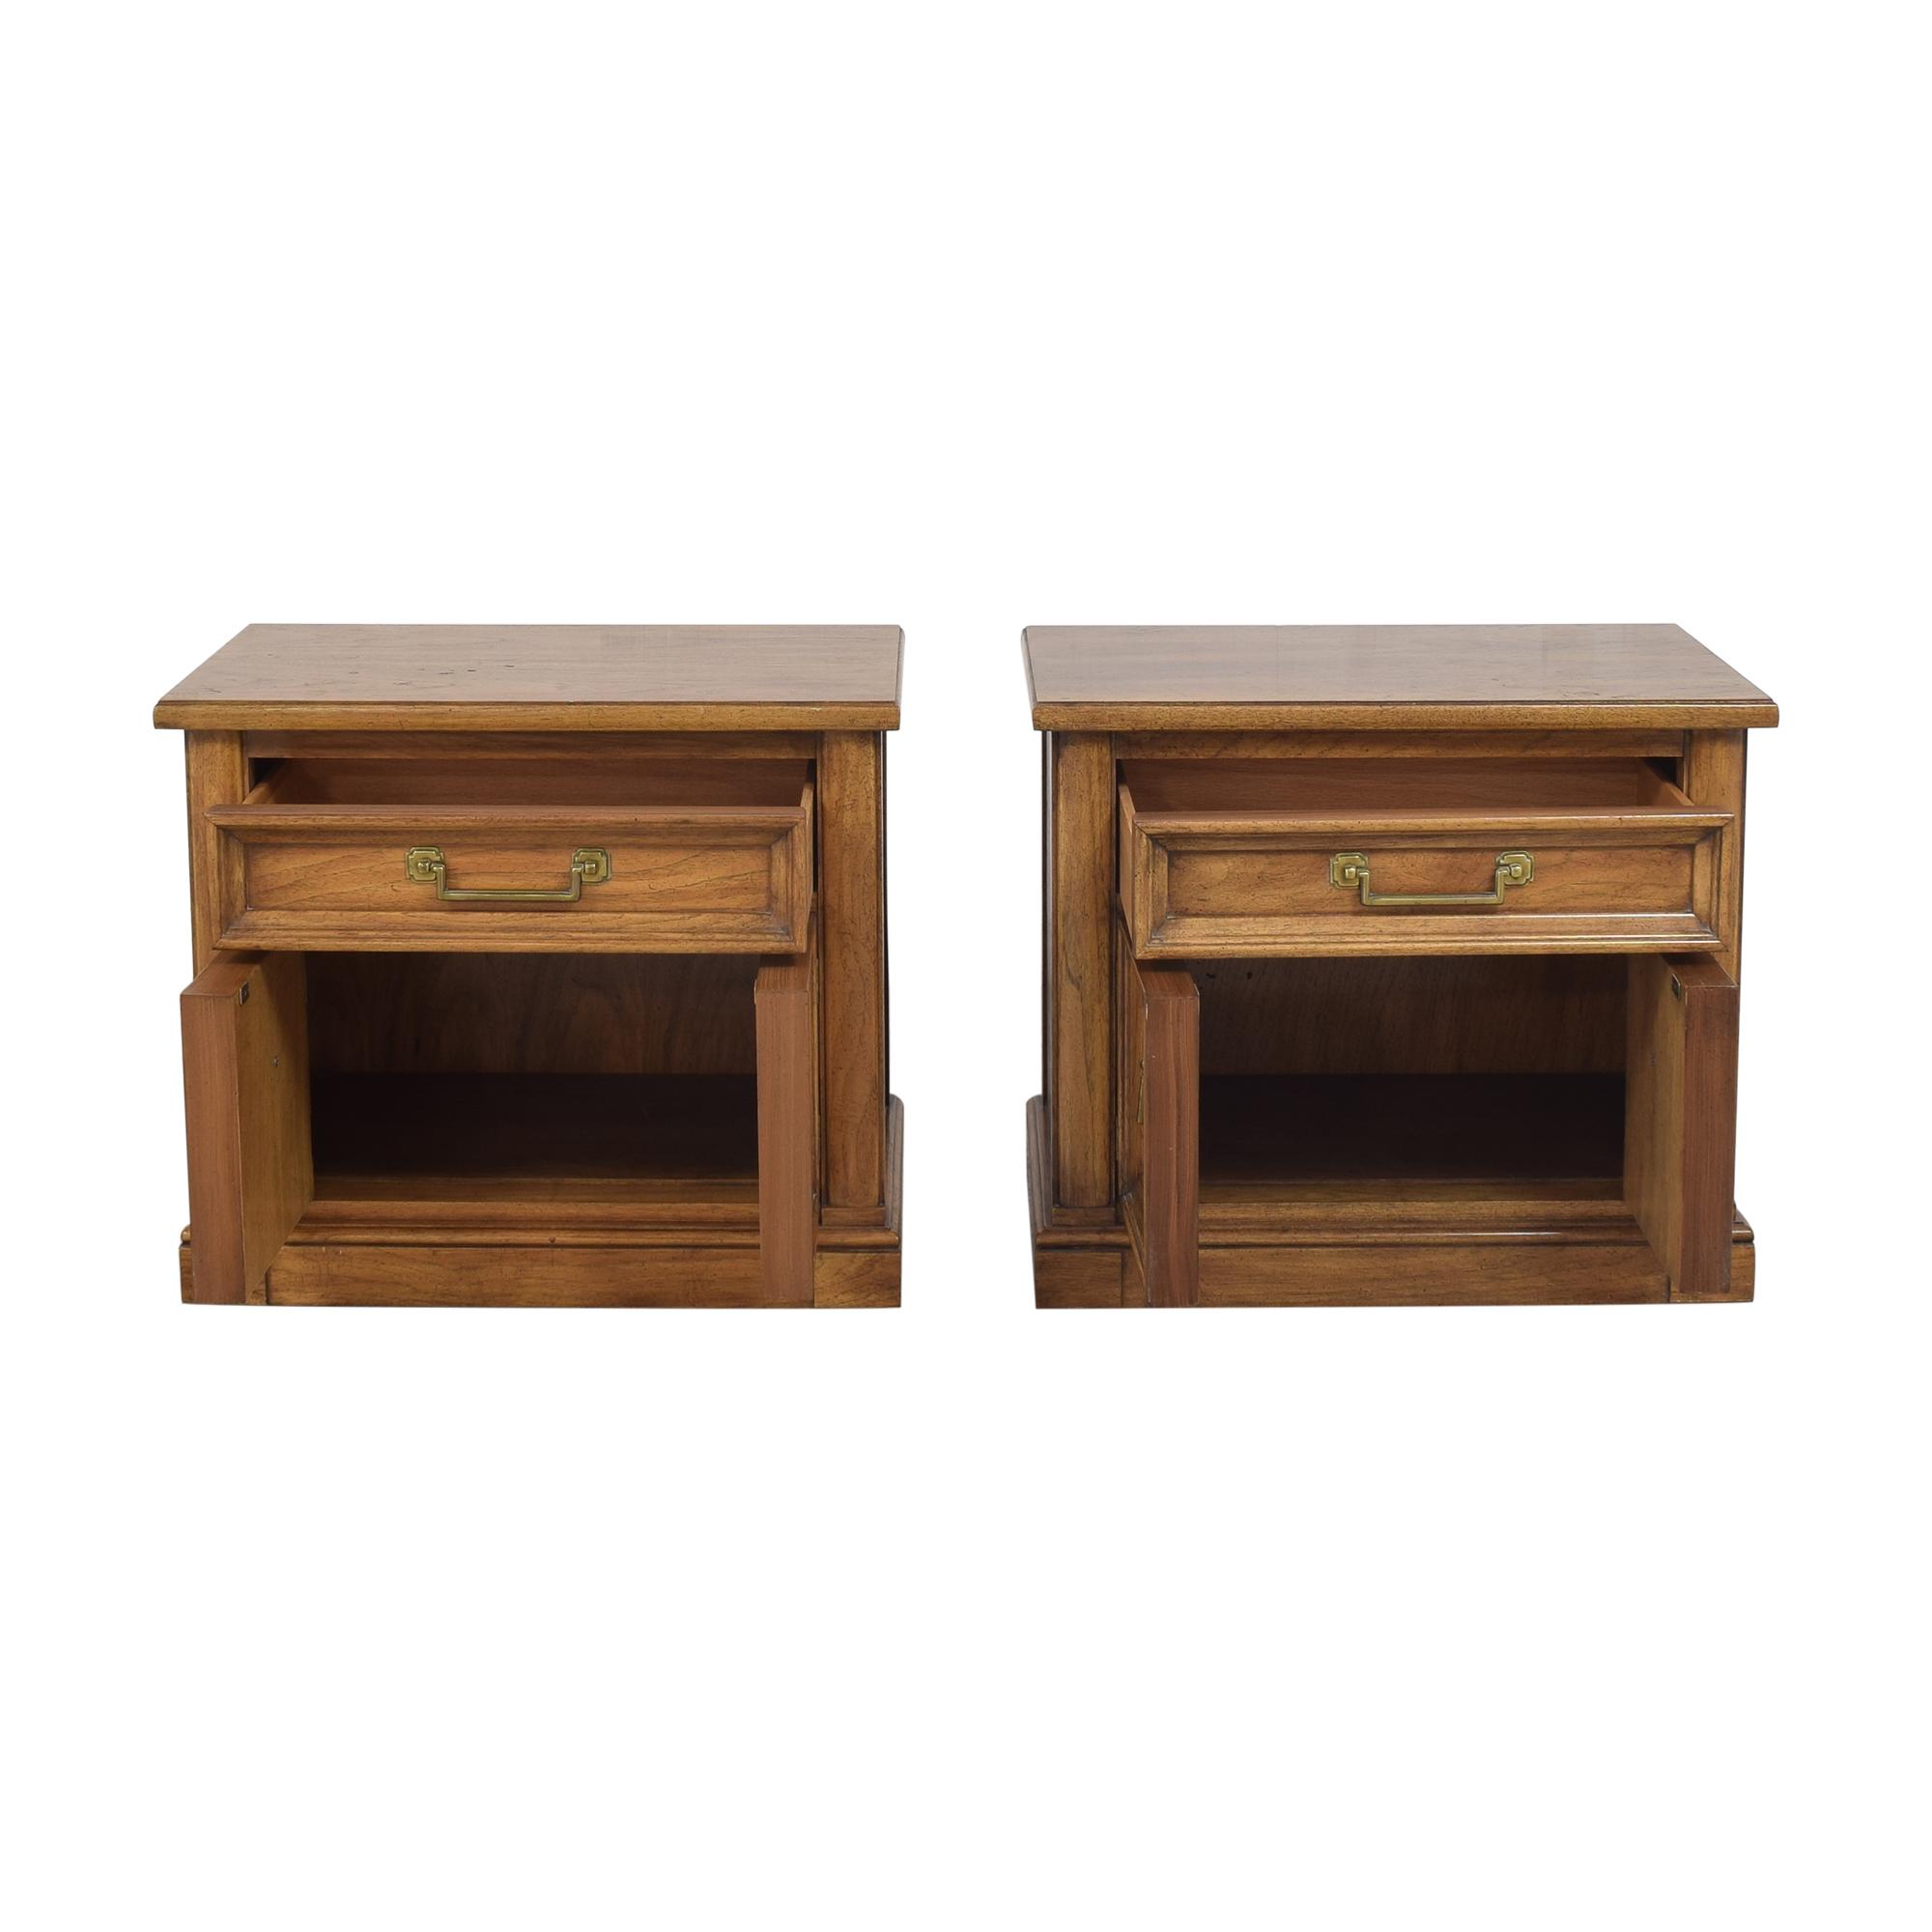 Thomasville Two Door Nightstands / Tables